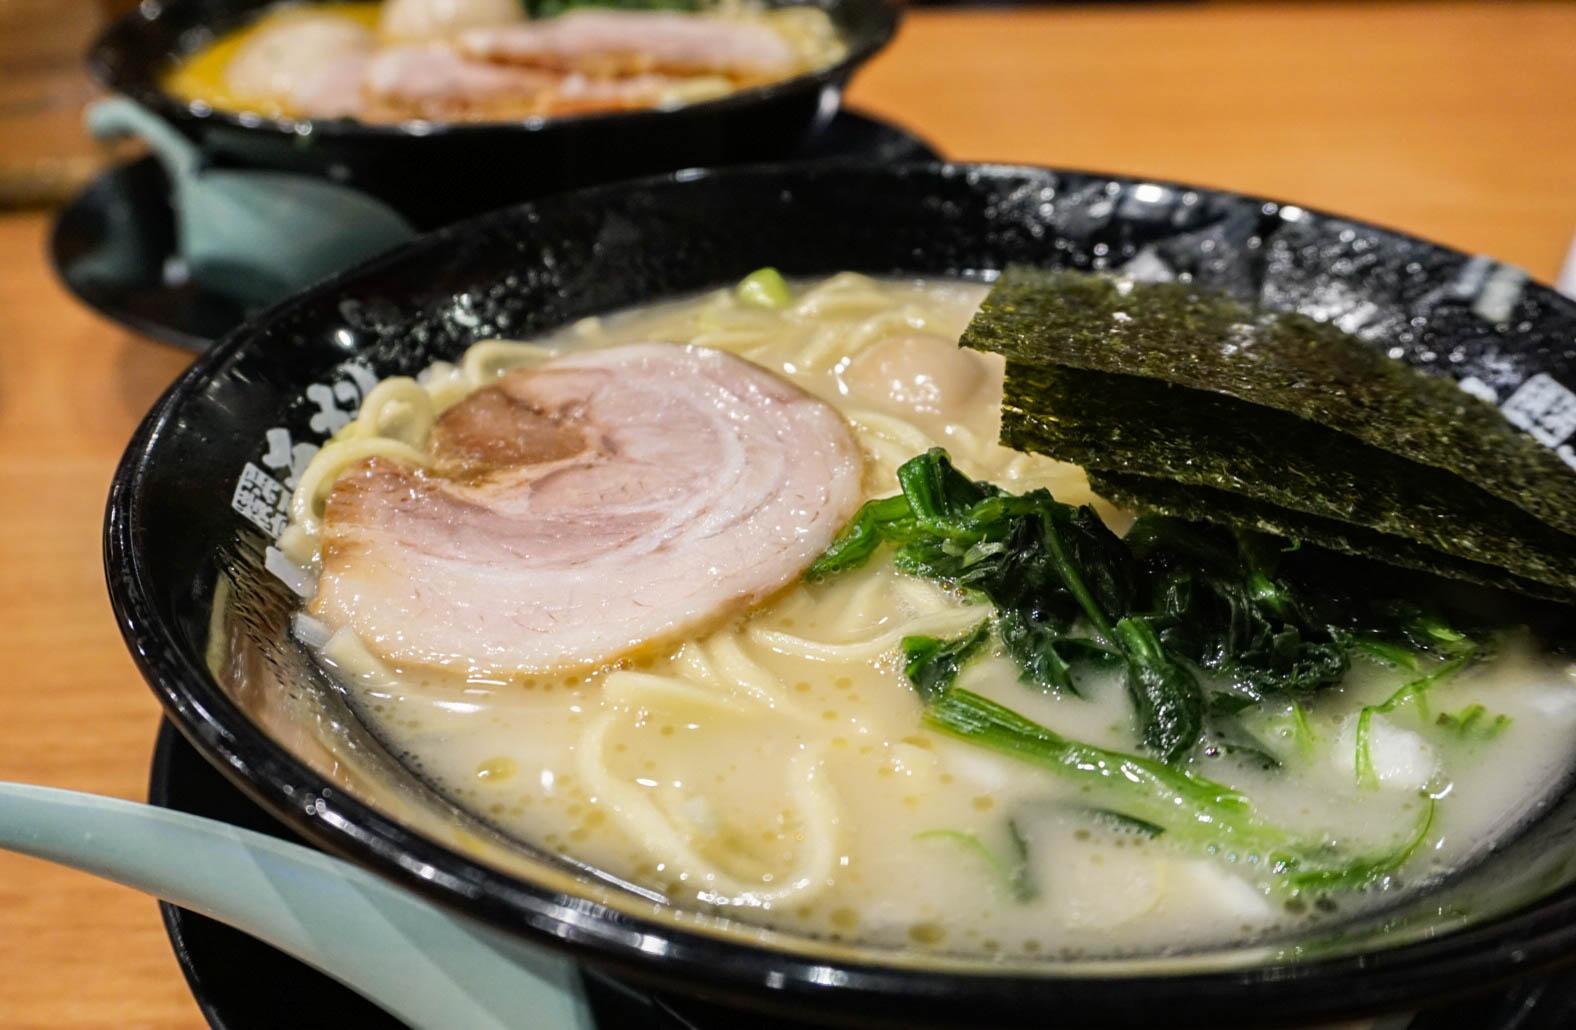 静岡駅周辺の人気ラーメン店21選!美味しいおすすめ店ばかりをご紹介!